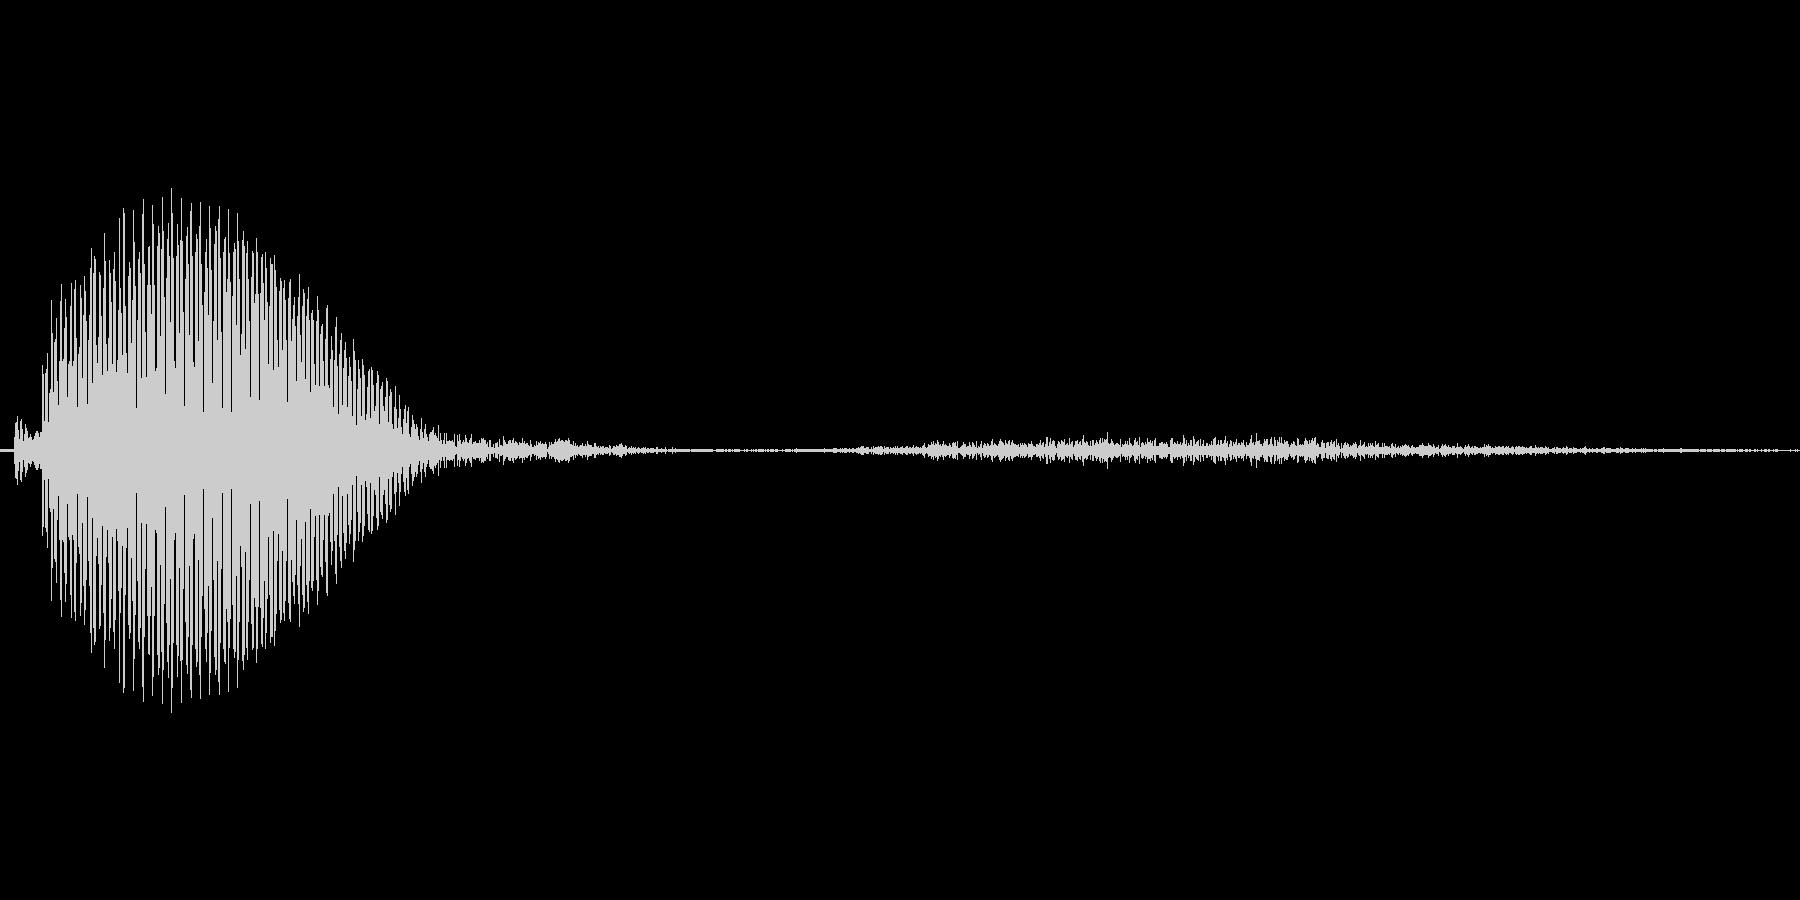 うっ【ダメージボイス、悲鳴】の未再生の波形